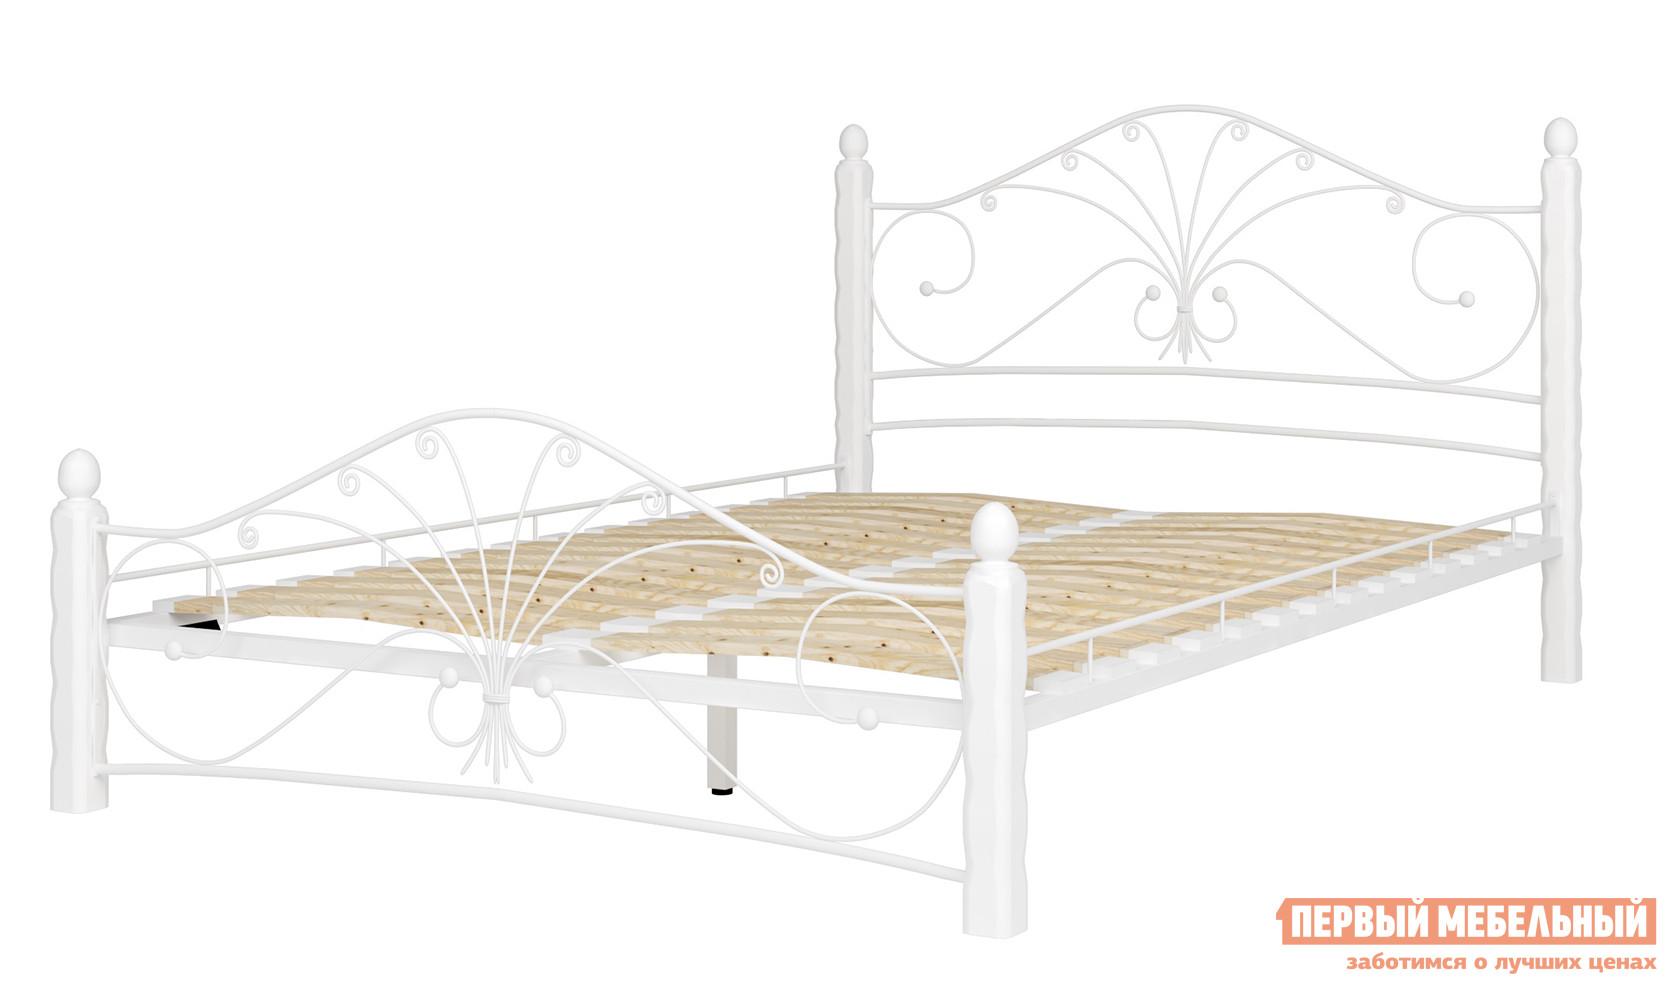 Полутороспальная кровать Mebwill Кровать Фортуна 1 Белый / Белый, Спальное место 1200 Х 2000 мм